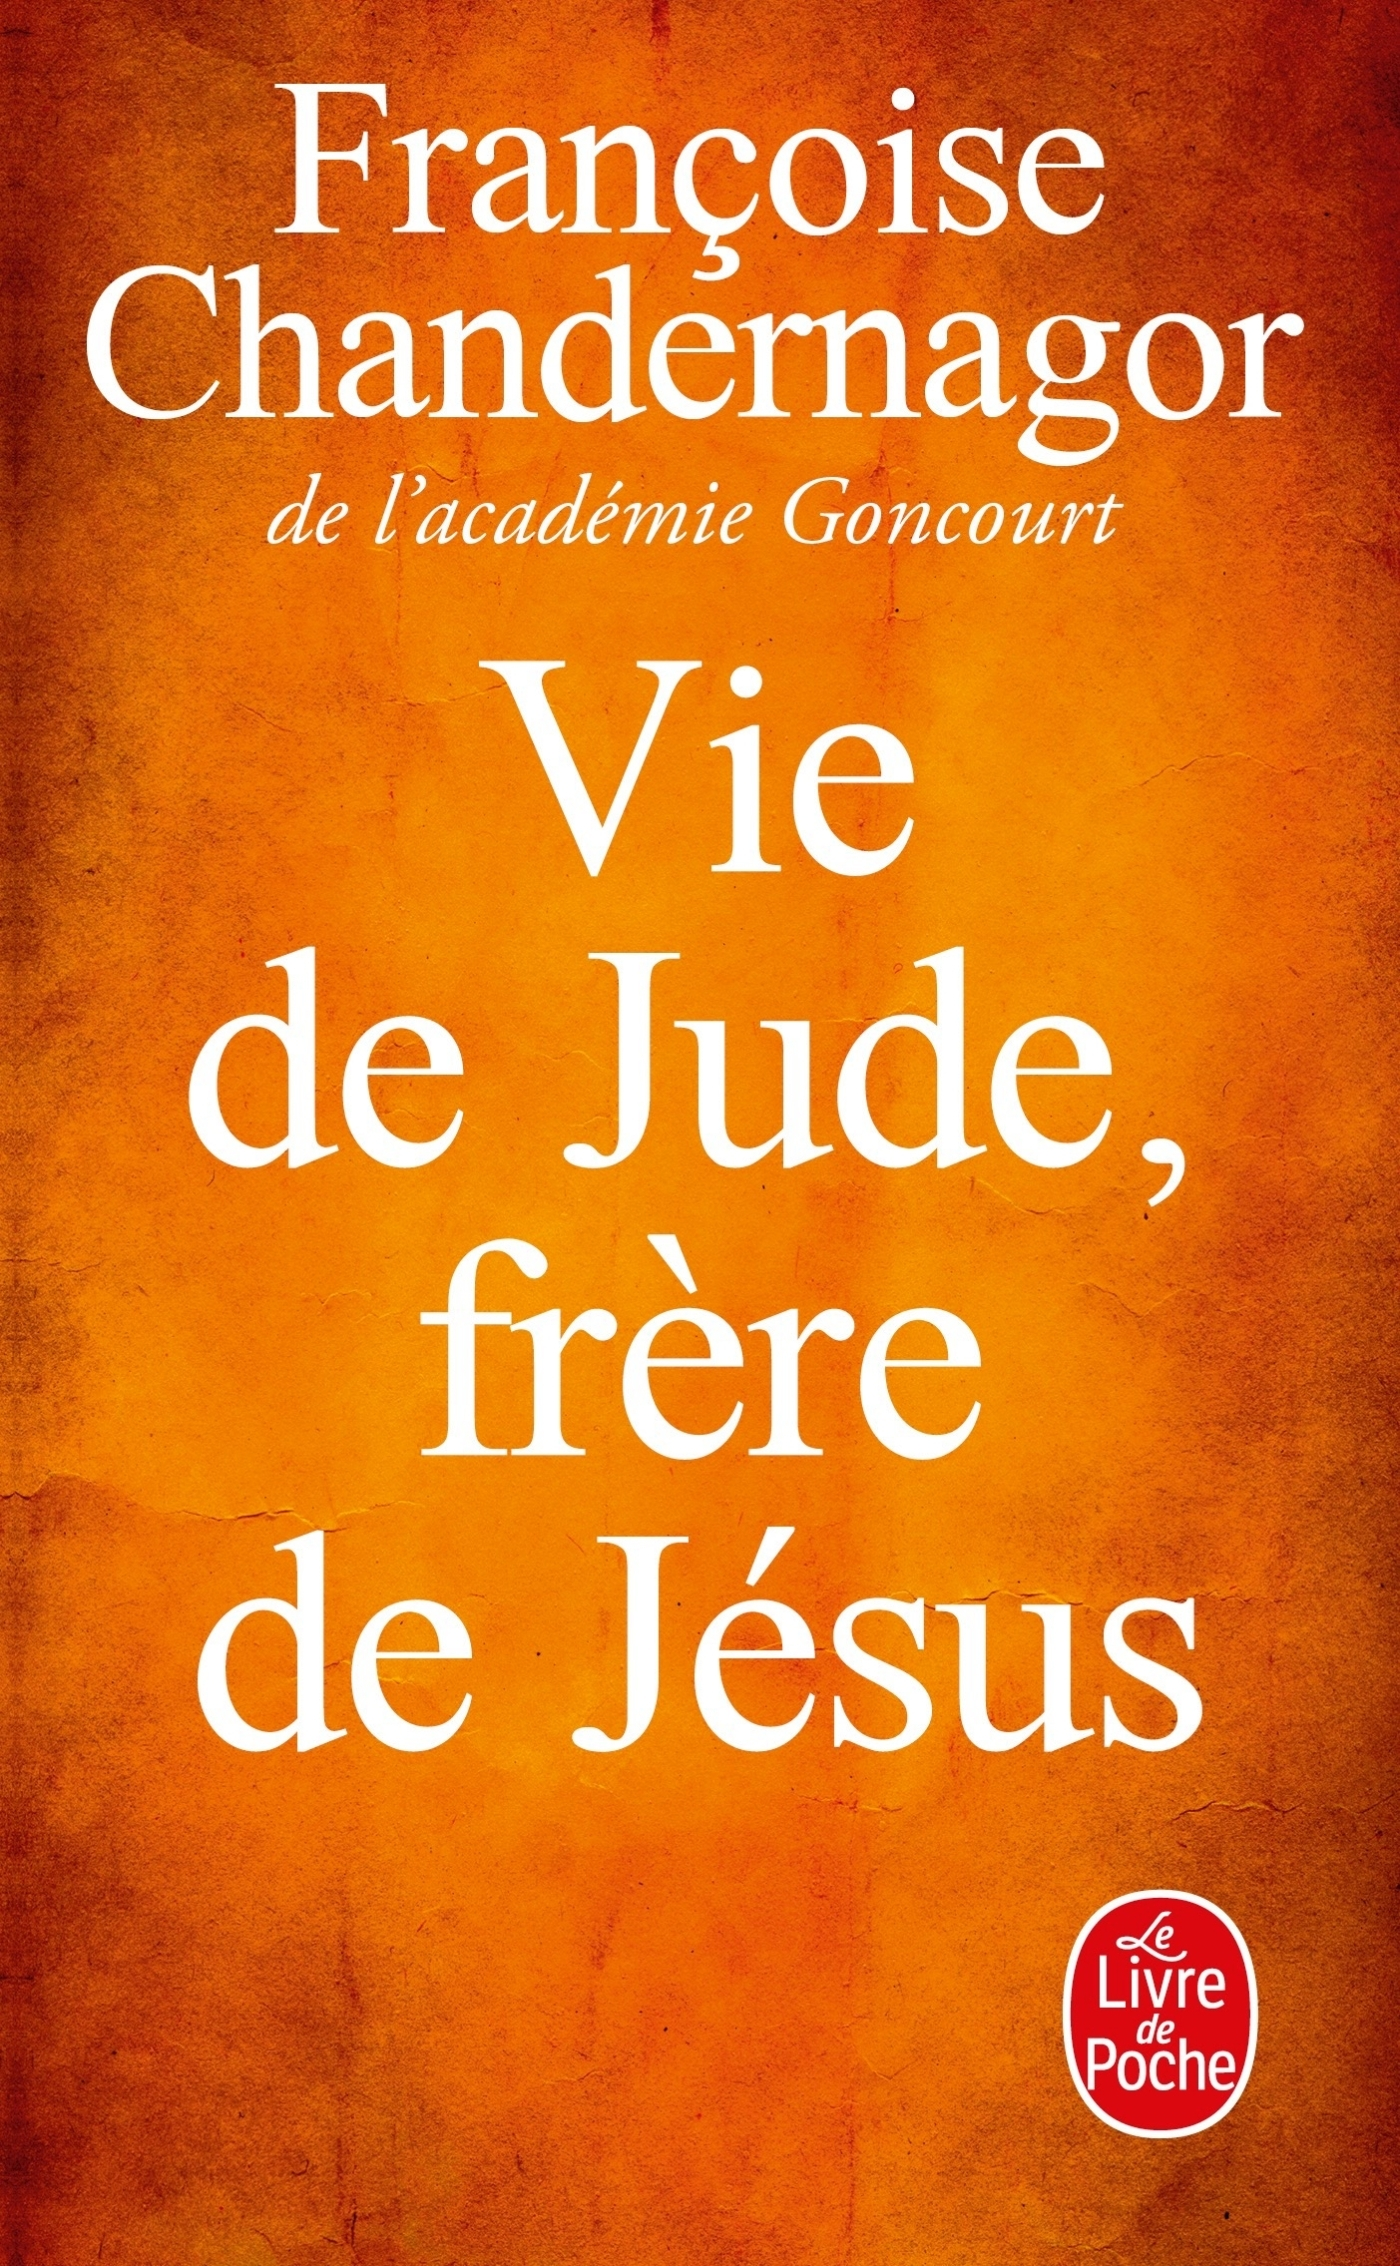 VIE DE JUDE FRERE DE JESUS